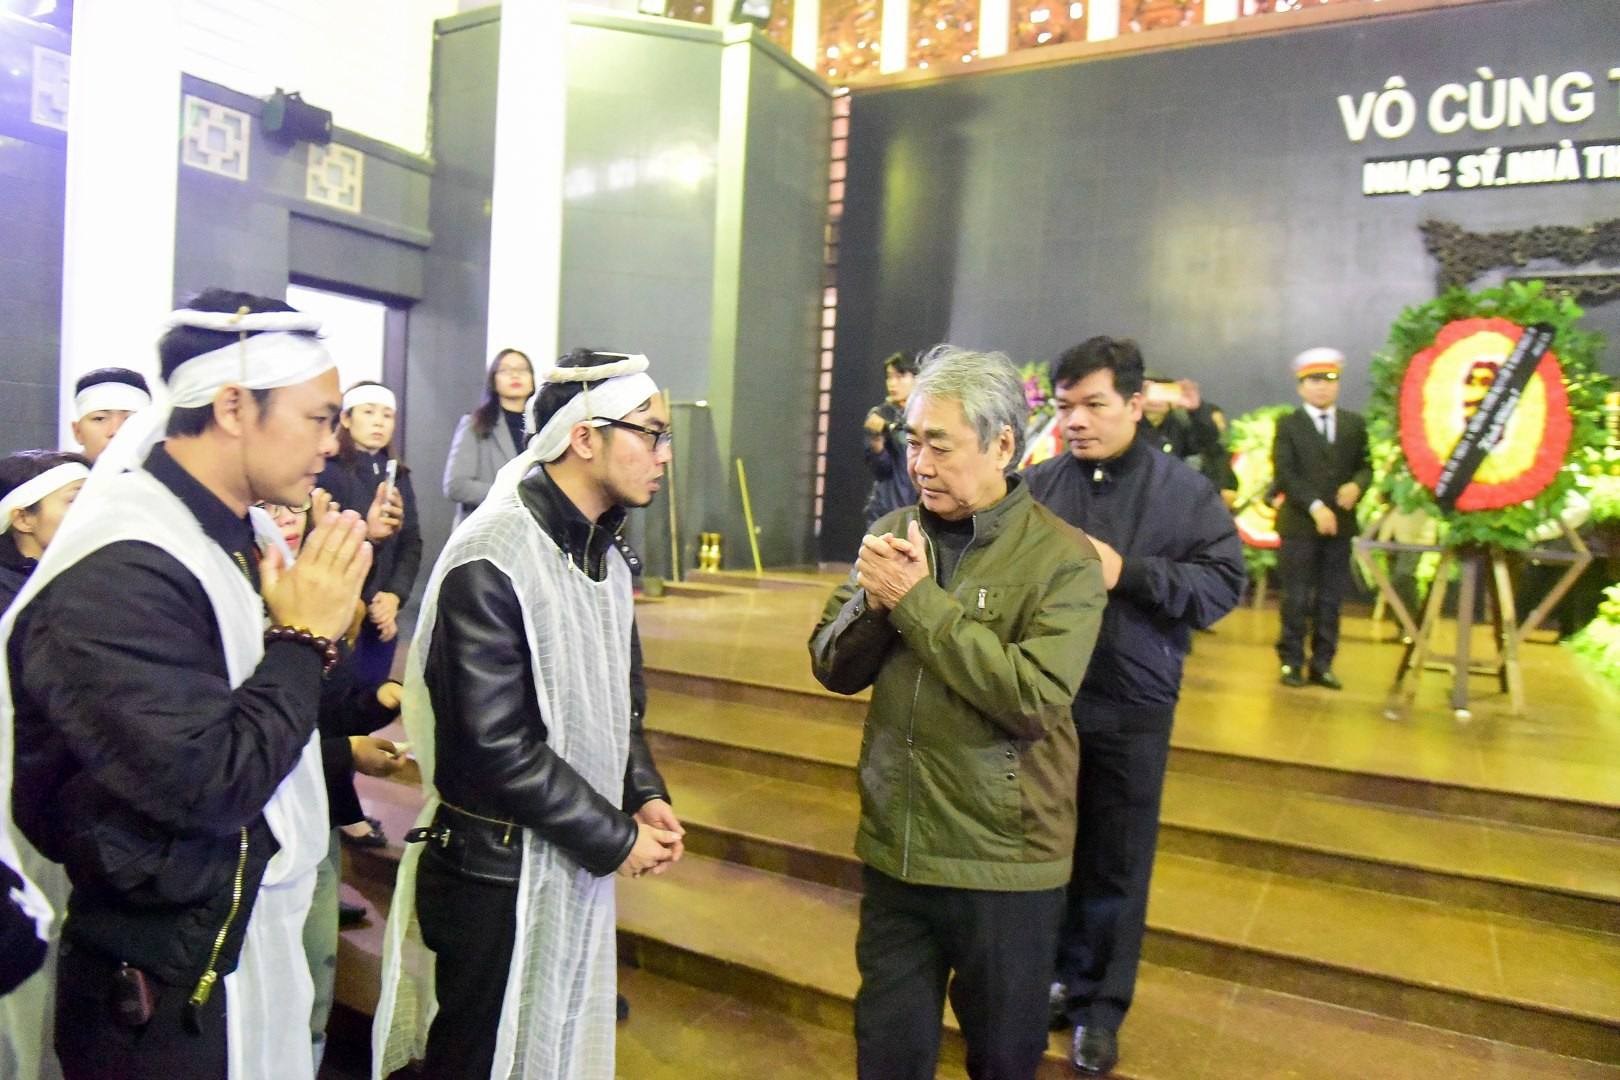 Đông đảo bạn bè, văn nghệ sĩ đến tiễn đưa nhà thơ- nhạc sĩ Nguyễn Trọng Tạo - Ảnh 9.